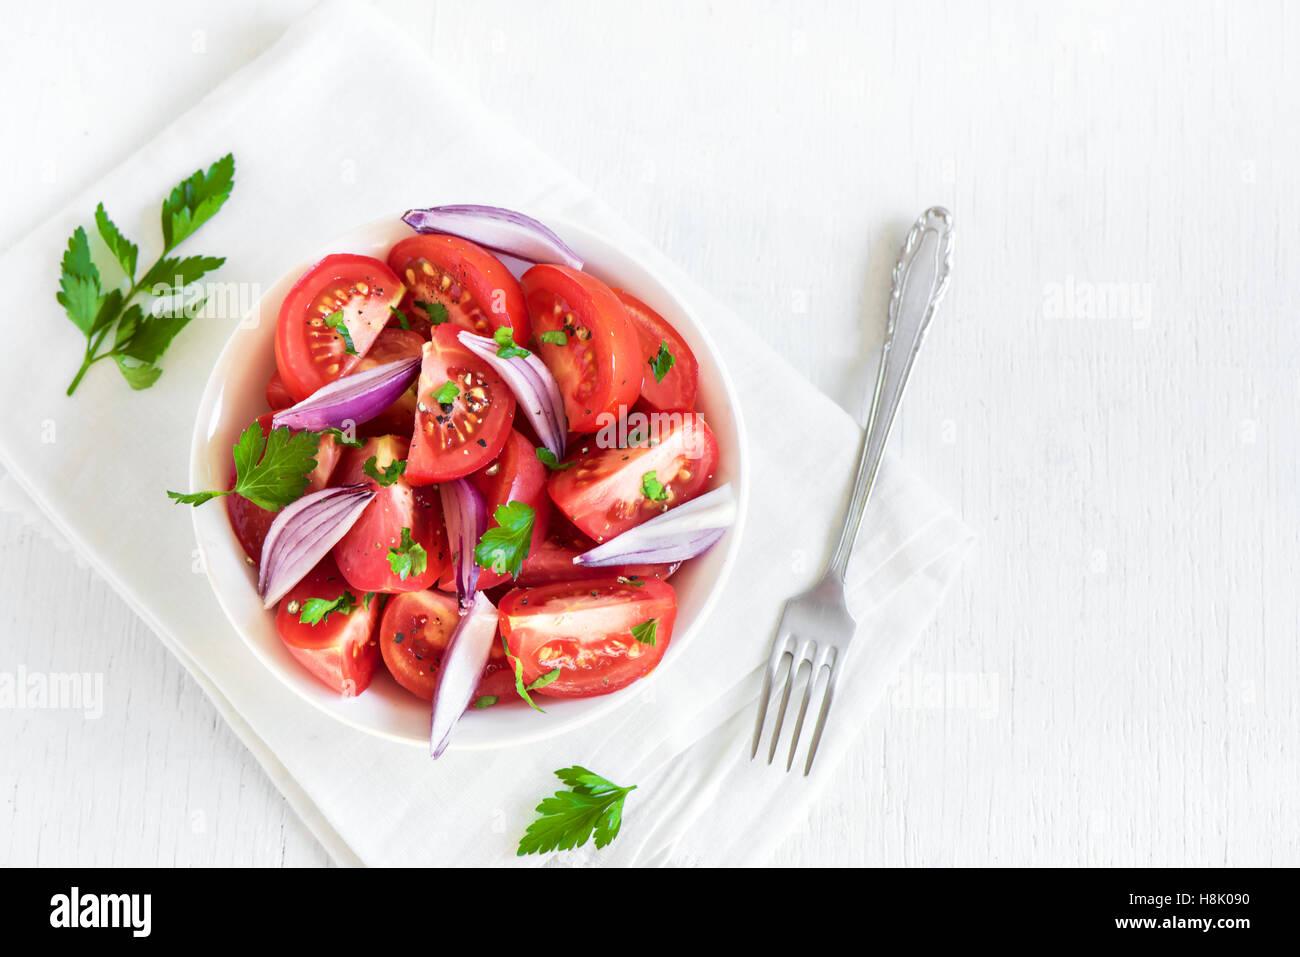 Tomatensalat mit Zwiebeln, Petersilie und Pfeffer in Schüssel - gesunde vegetarische vegane Lebensmittel Vorspeise Stockbild